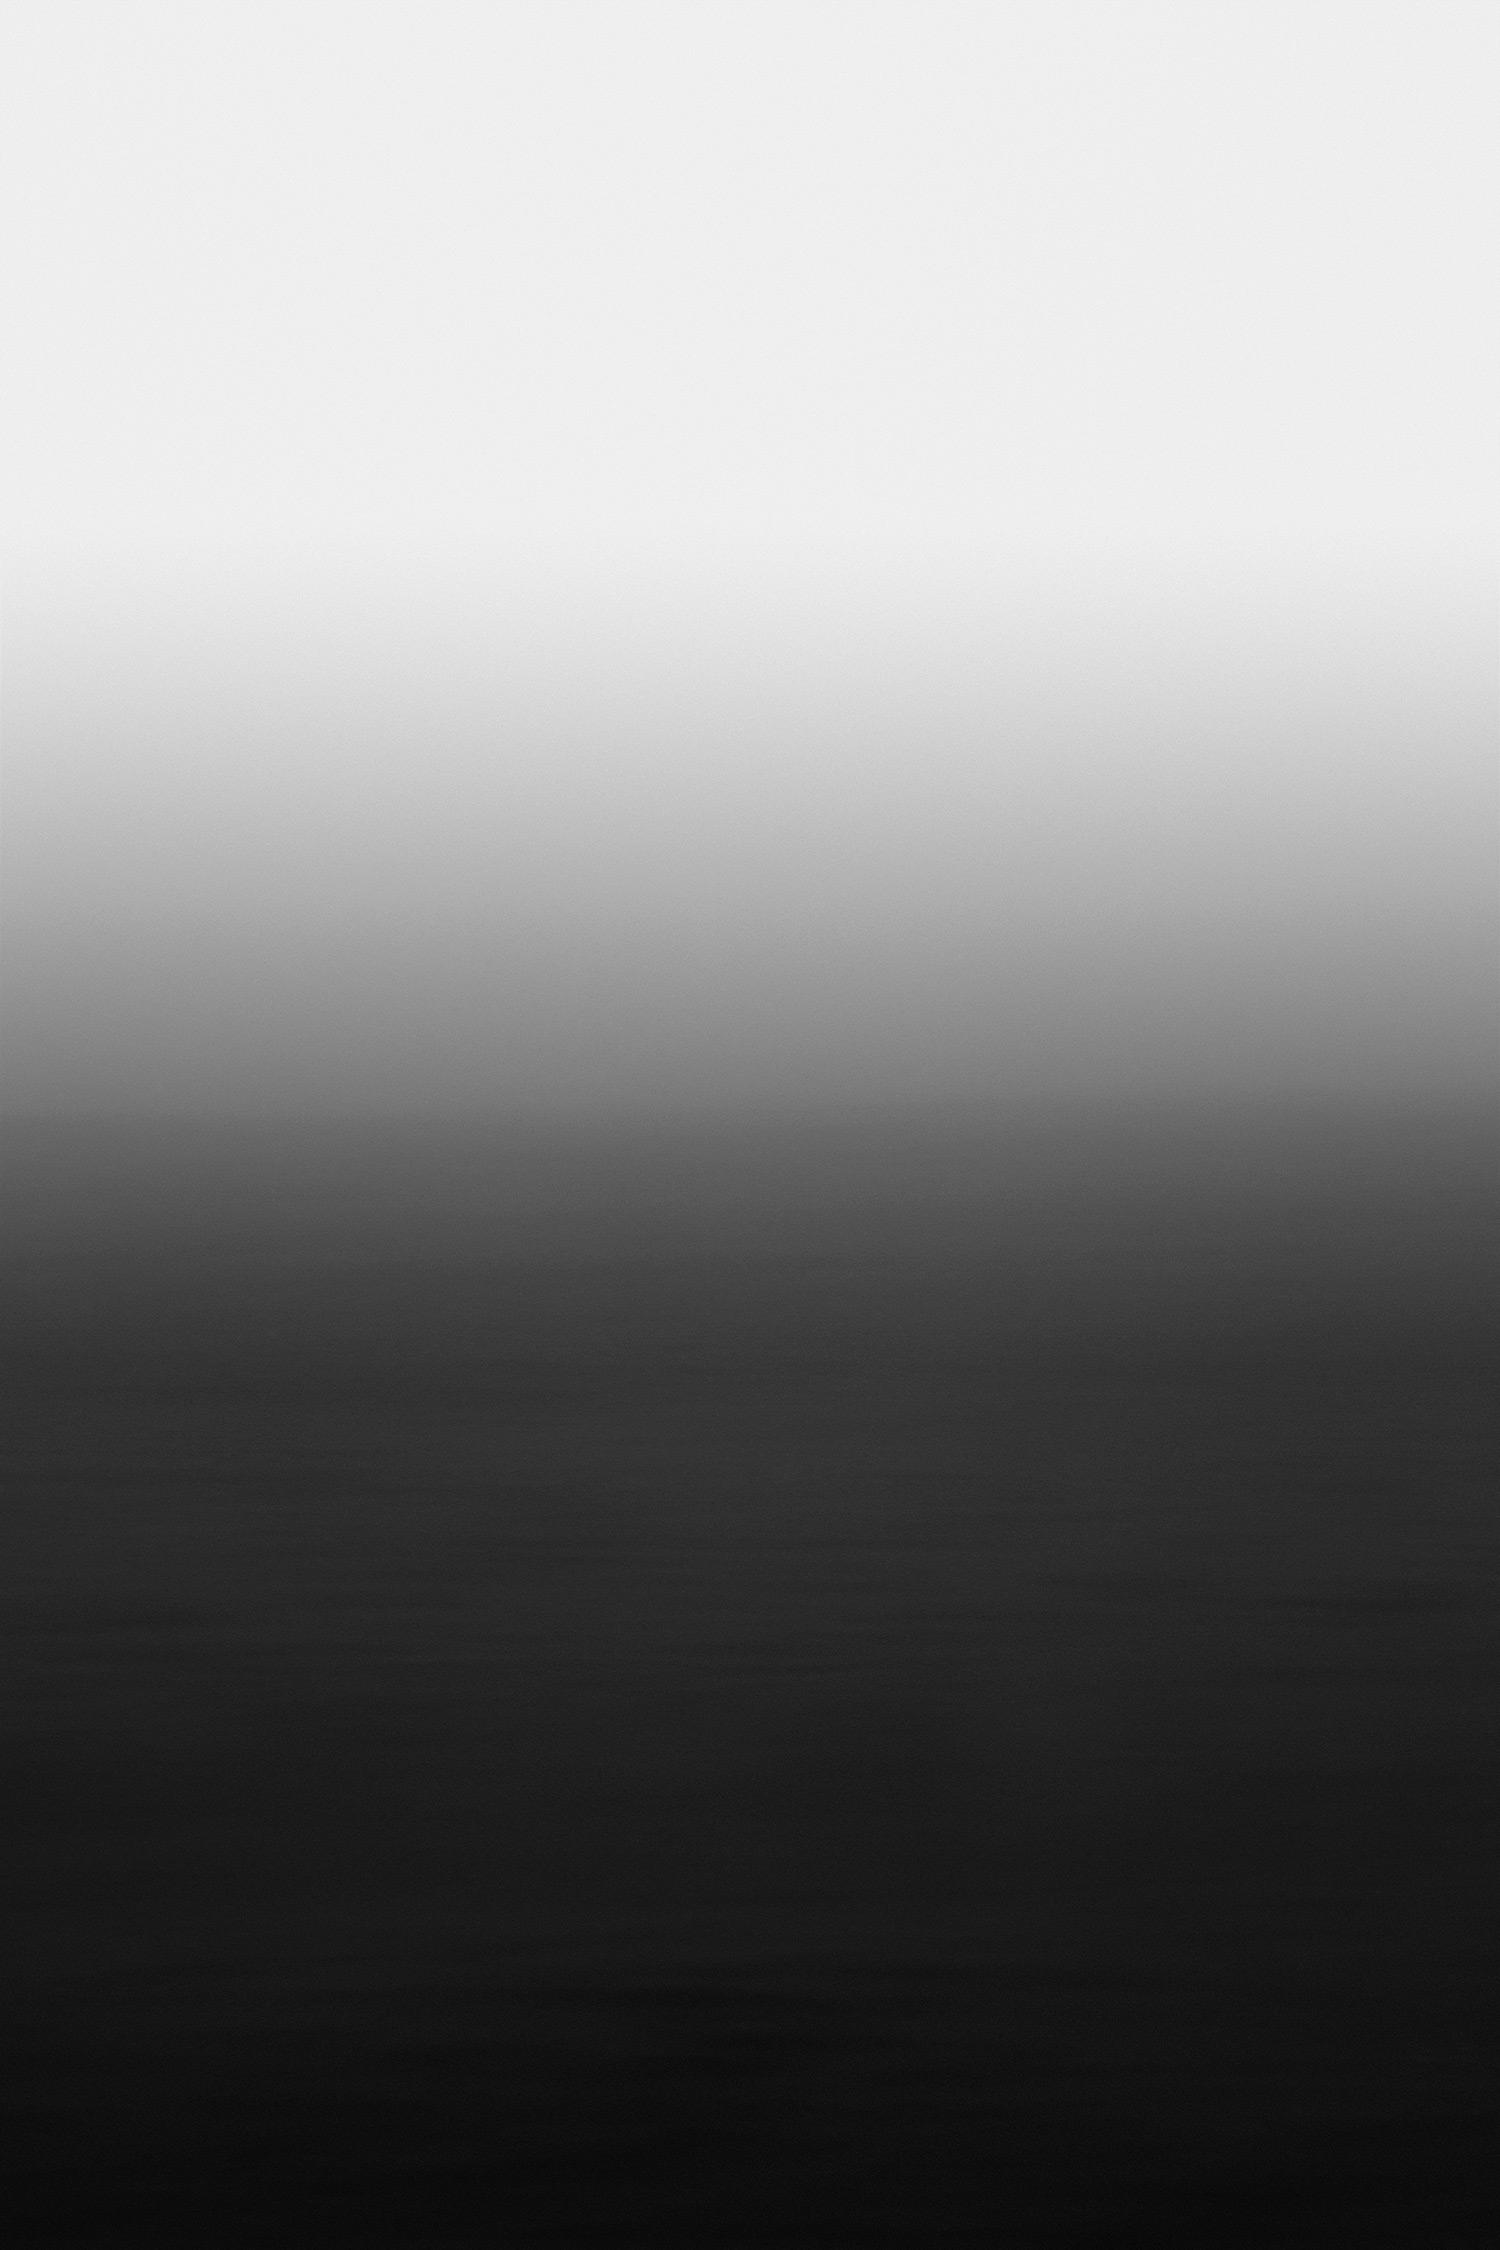 Interlude-XXVIII_HAXTON